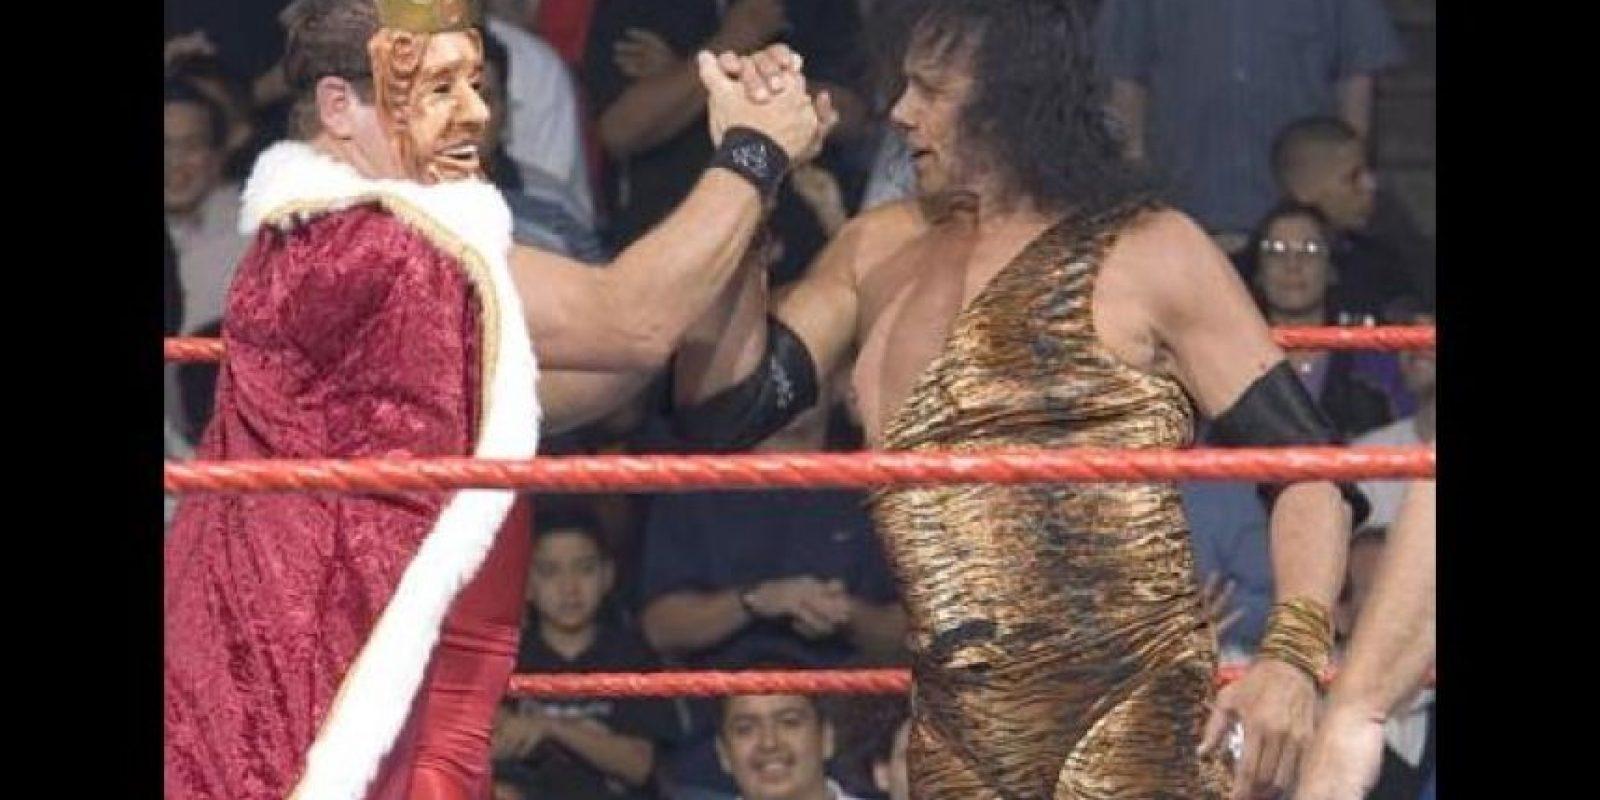 La investigación es por la muerte de Nancy Argentino, que ocurrió hace 32 años Foto:WWE